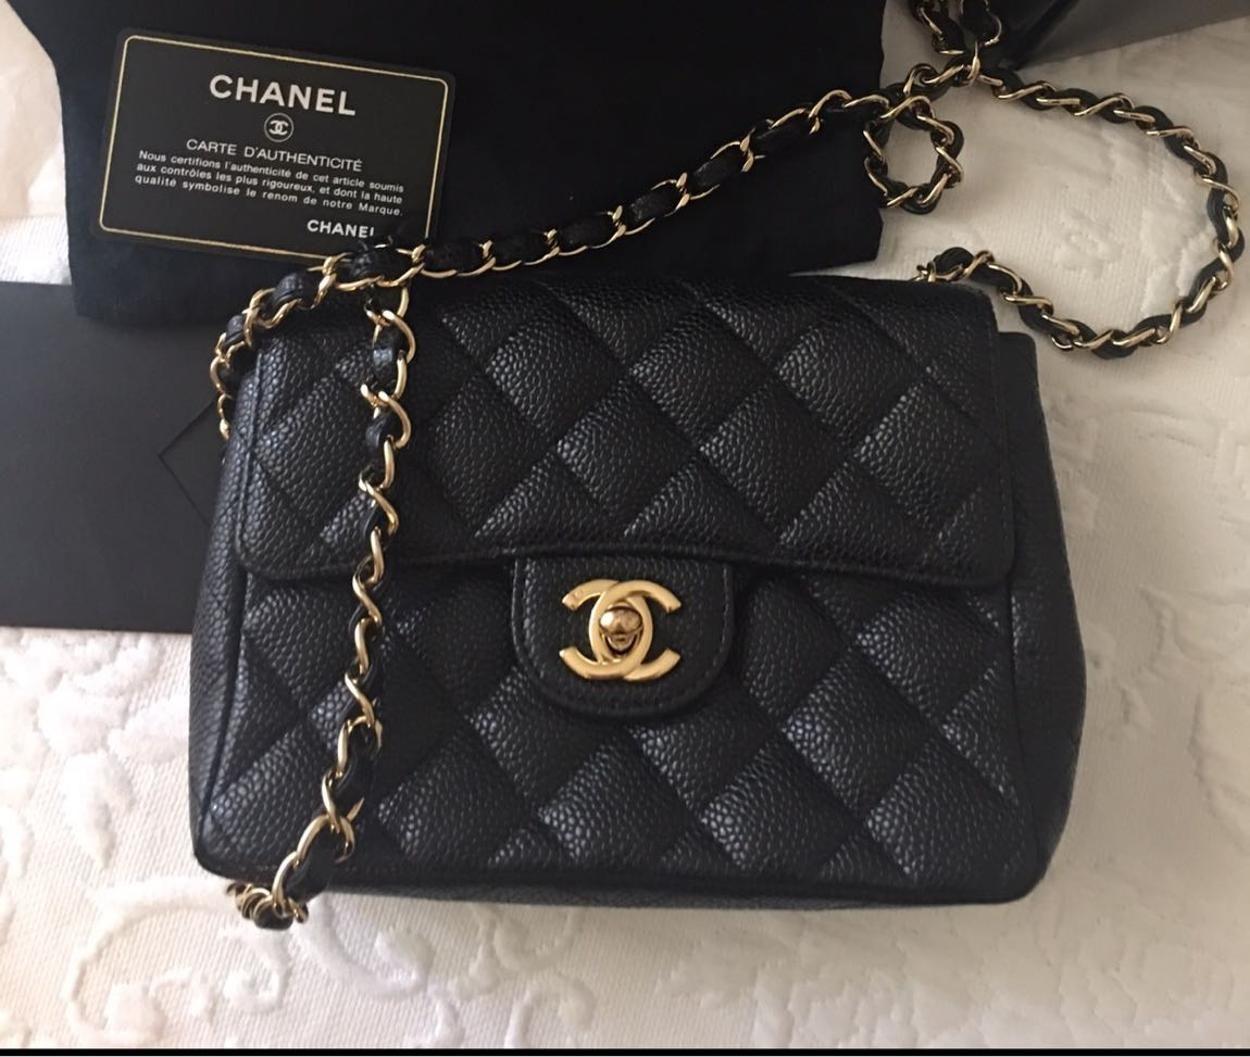 Chanel Kol Cantasi Siyah Canta Chanel Siyah Moda Luks Tarz Klasik Ikinci El Chanel Siyah Canta